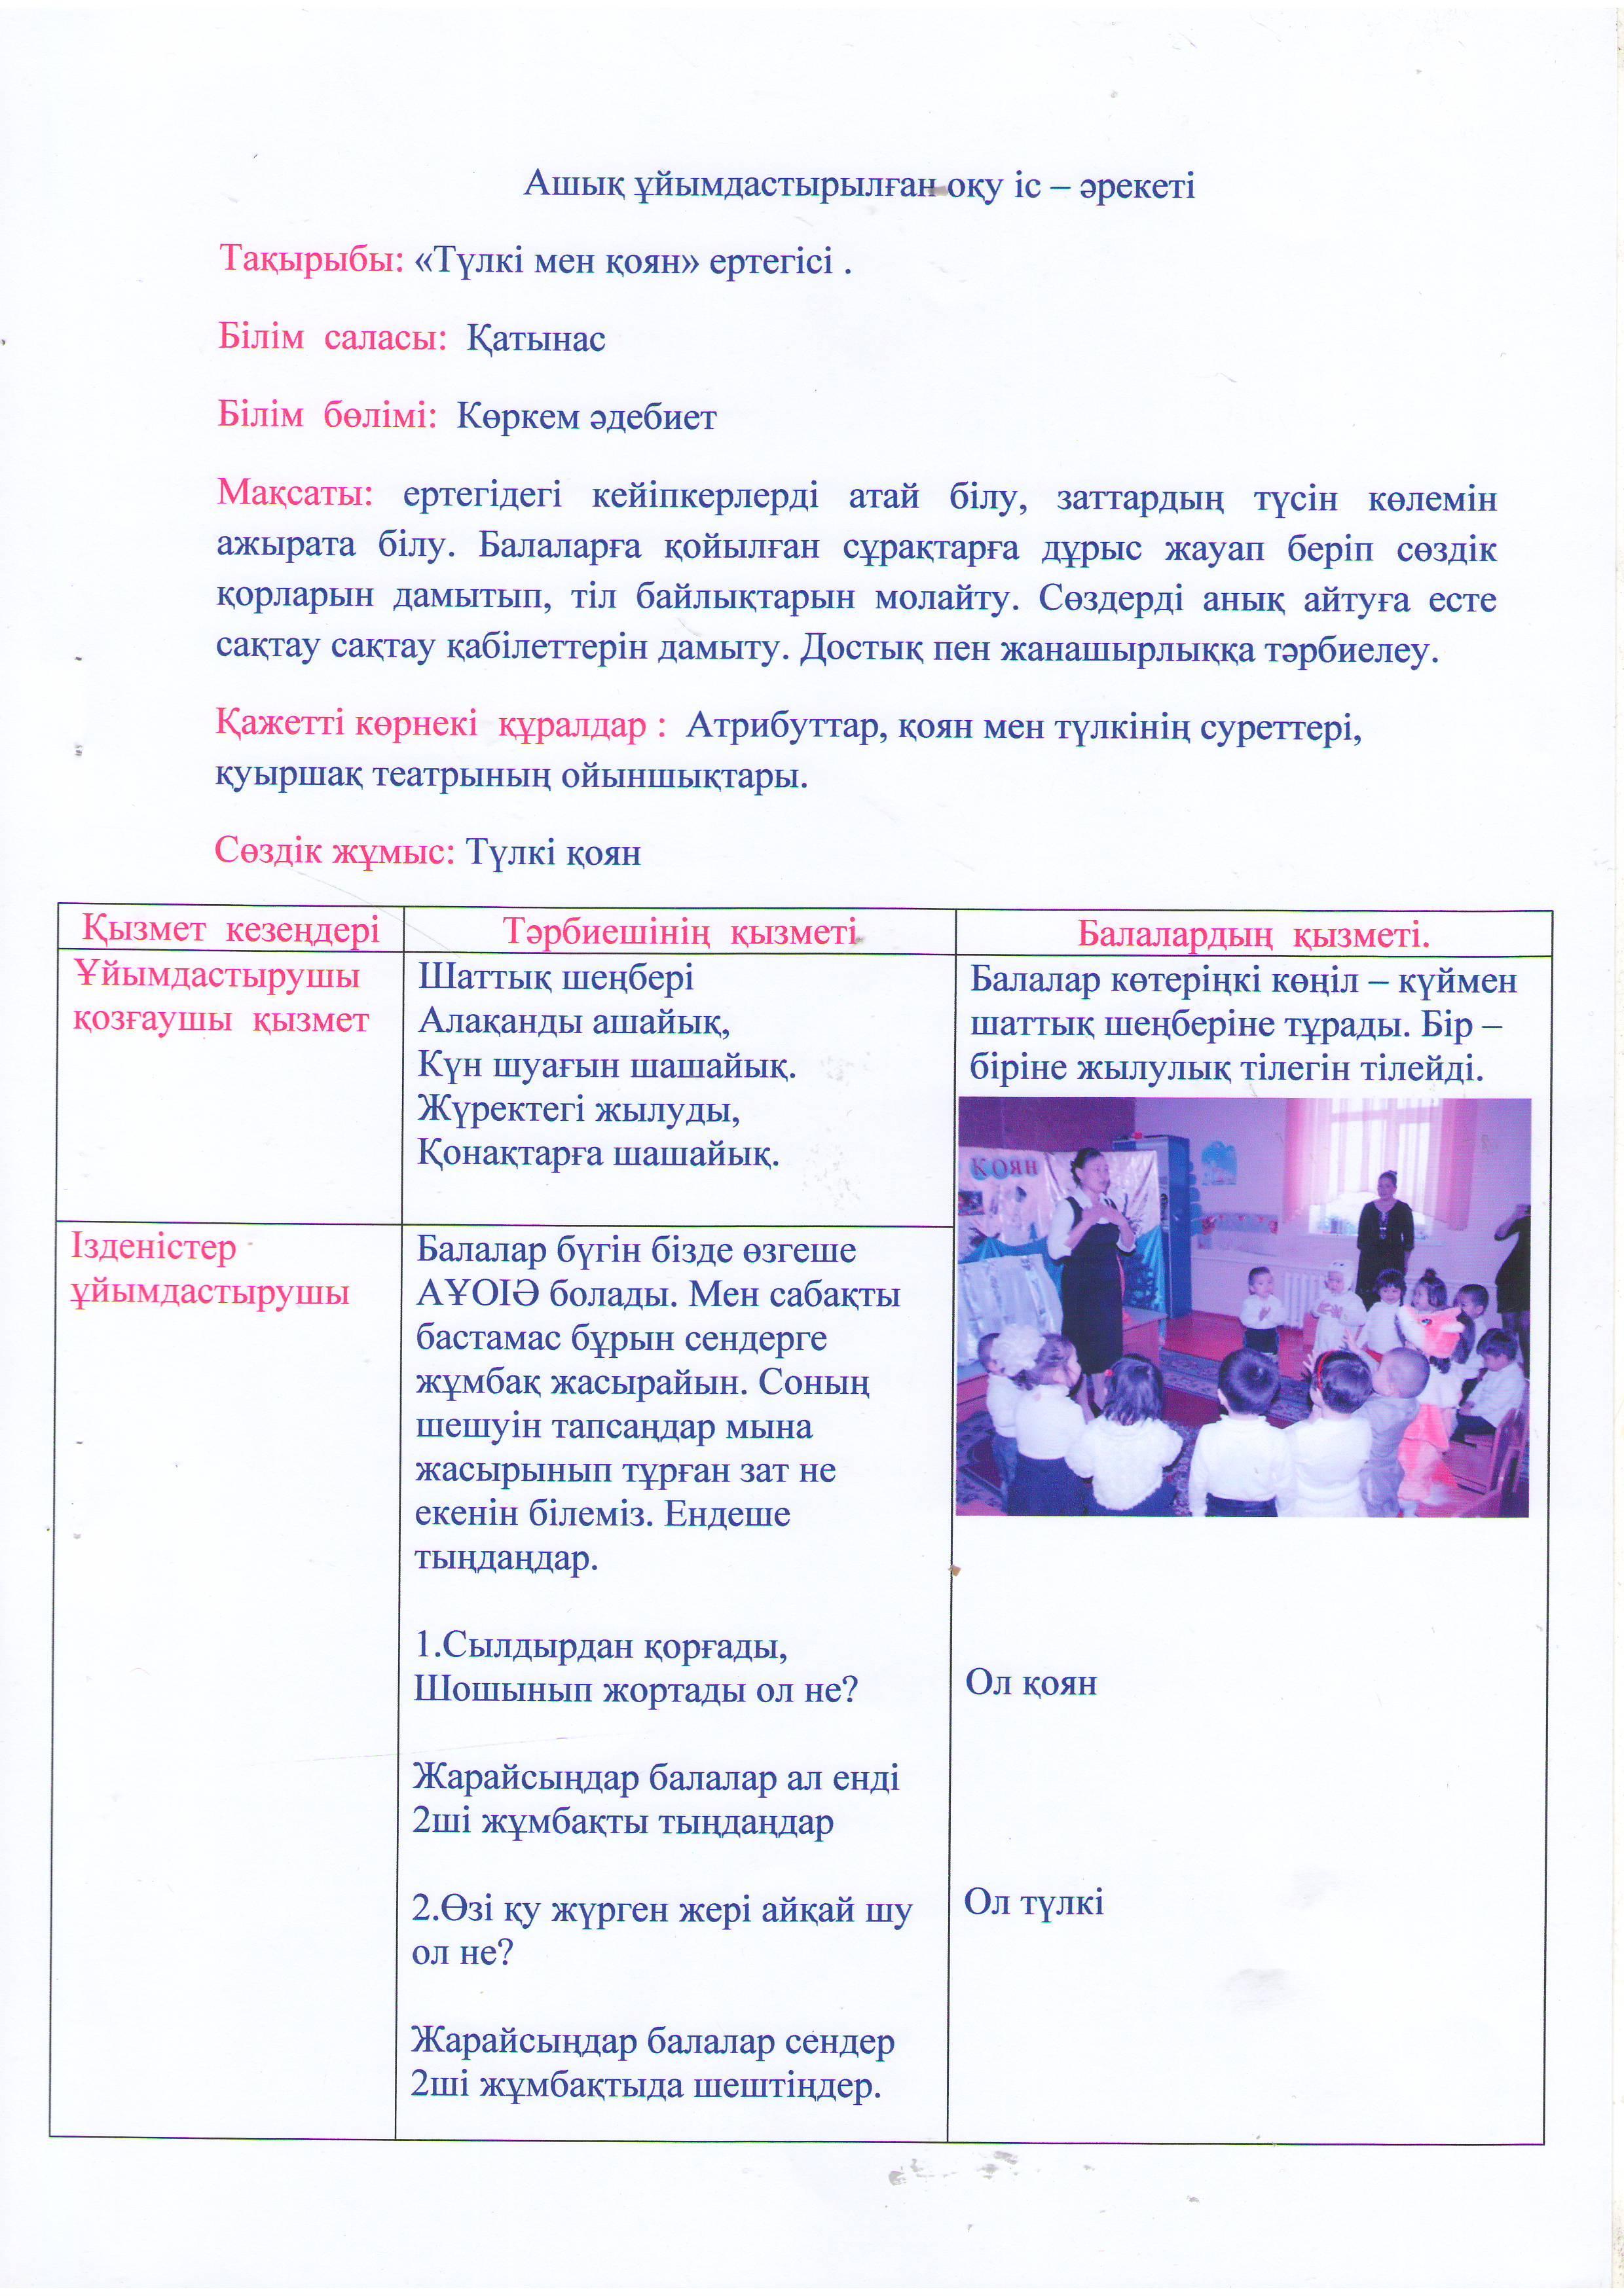 C:\Users\Ernur\Music\Desktop\2002-05-29\Сканировать10001.JPG